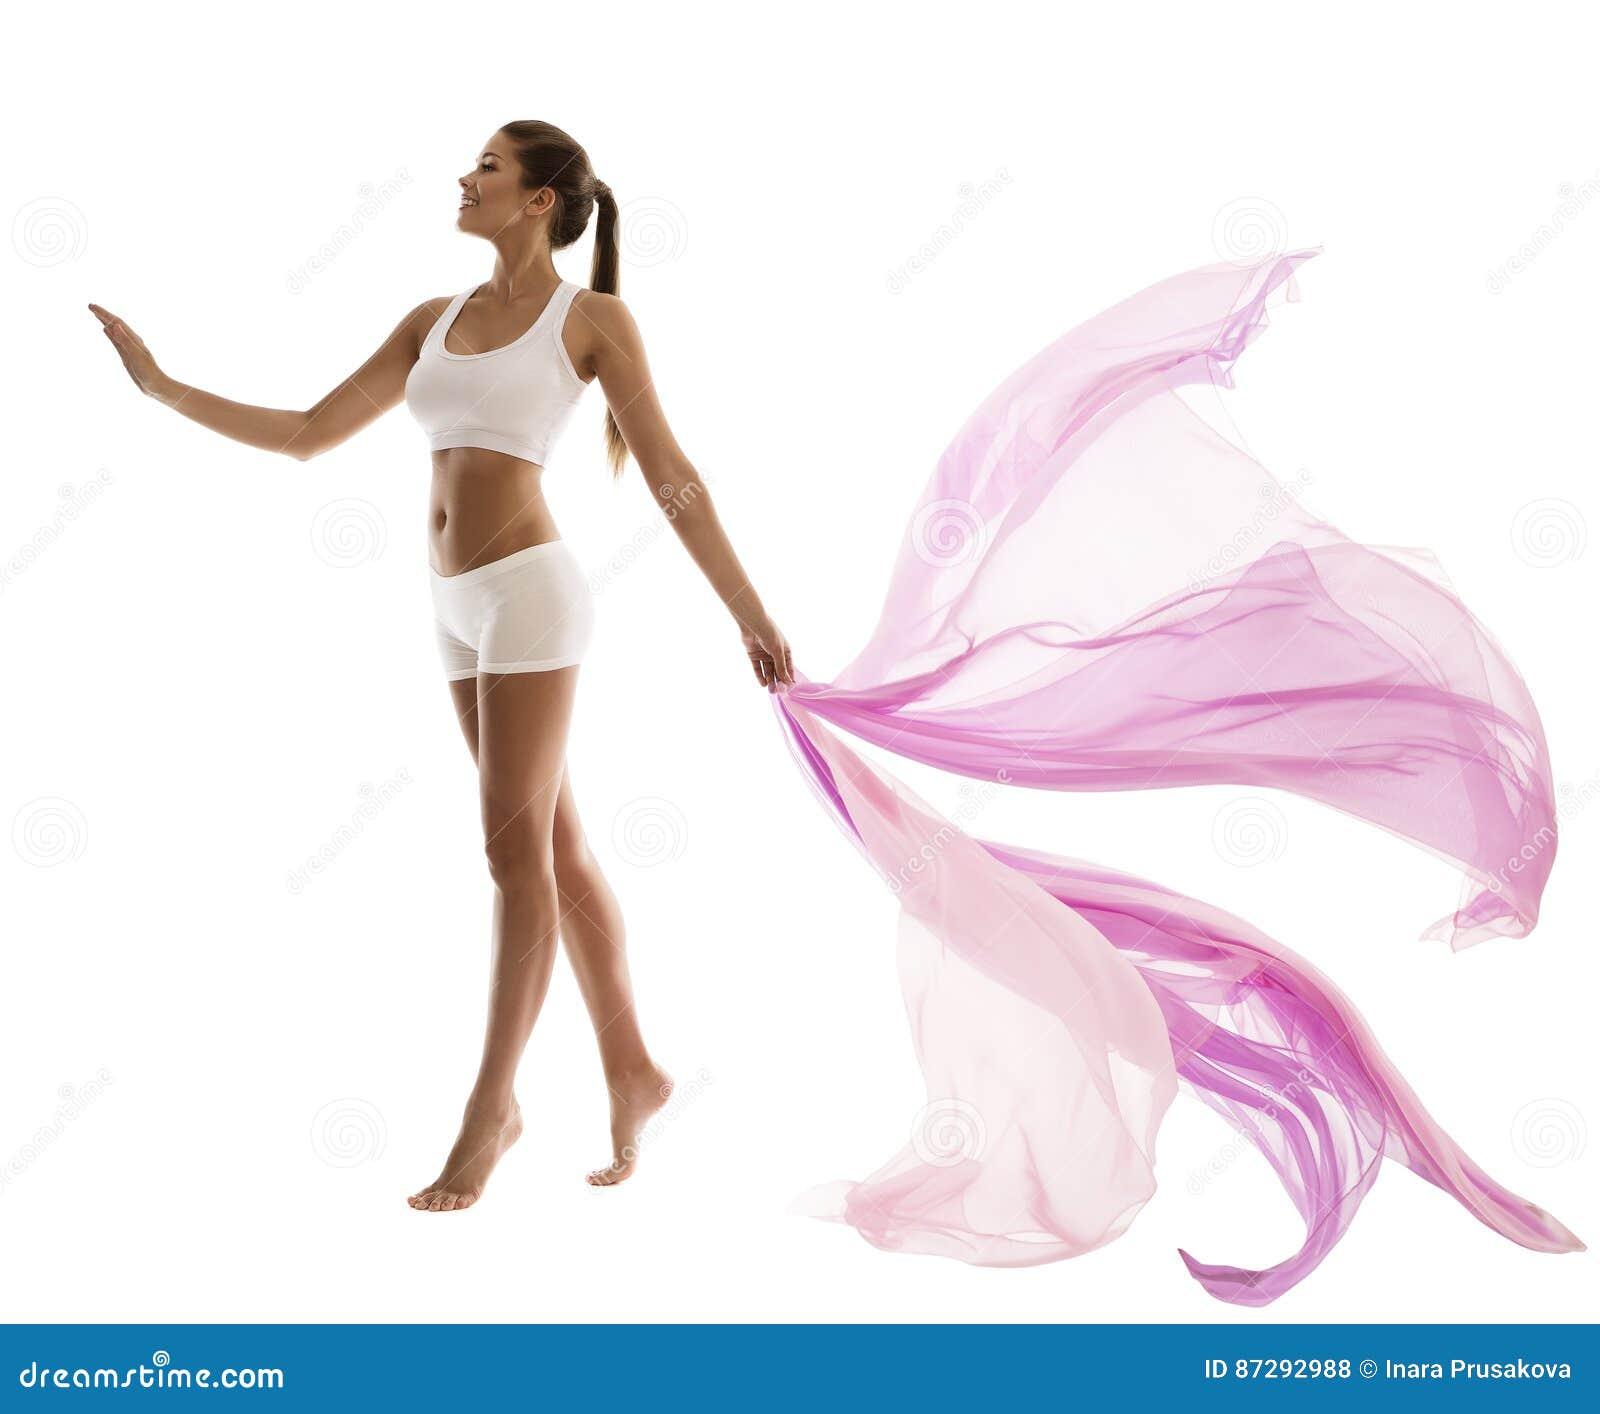 Kobiety ciała piękno w sport Białej bieliźnie z falowanie tkaniną